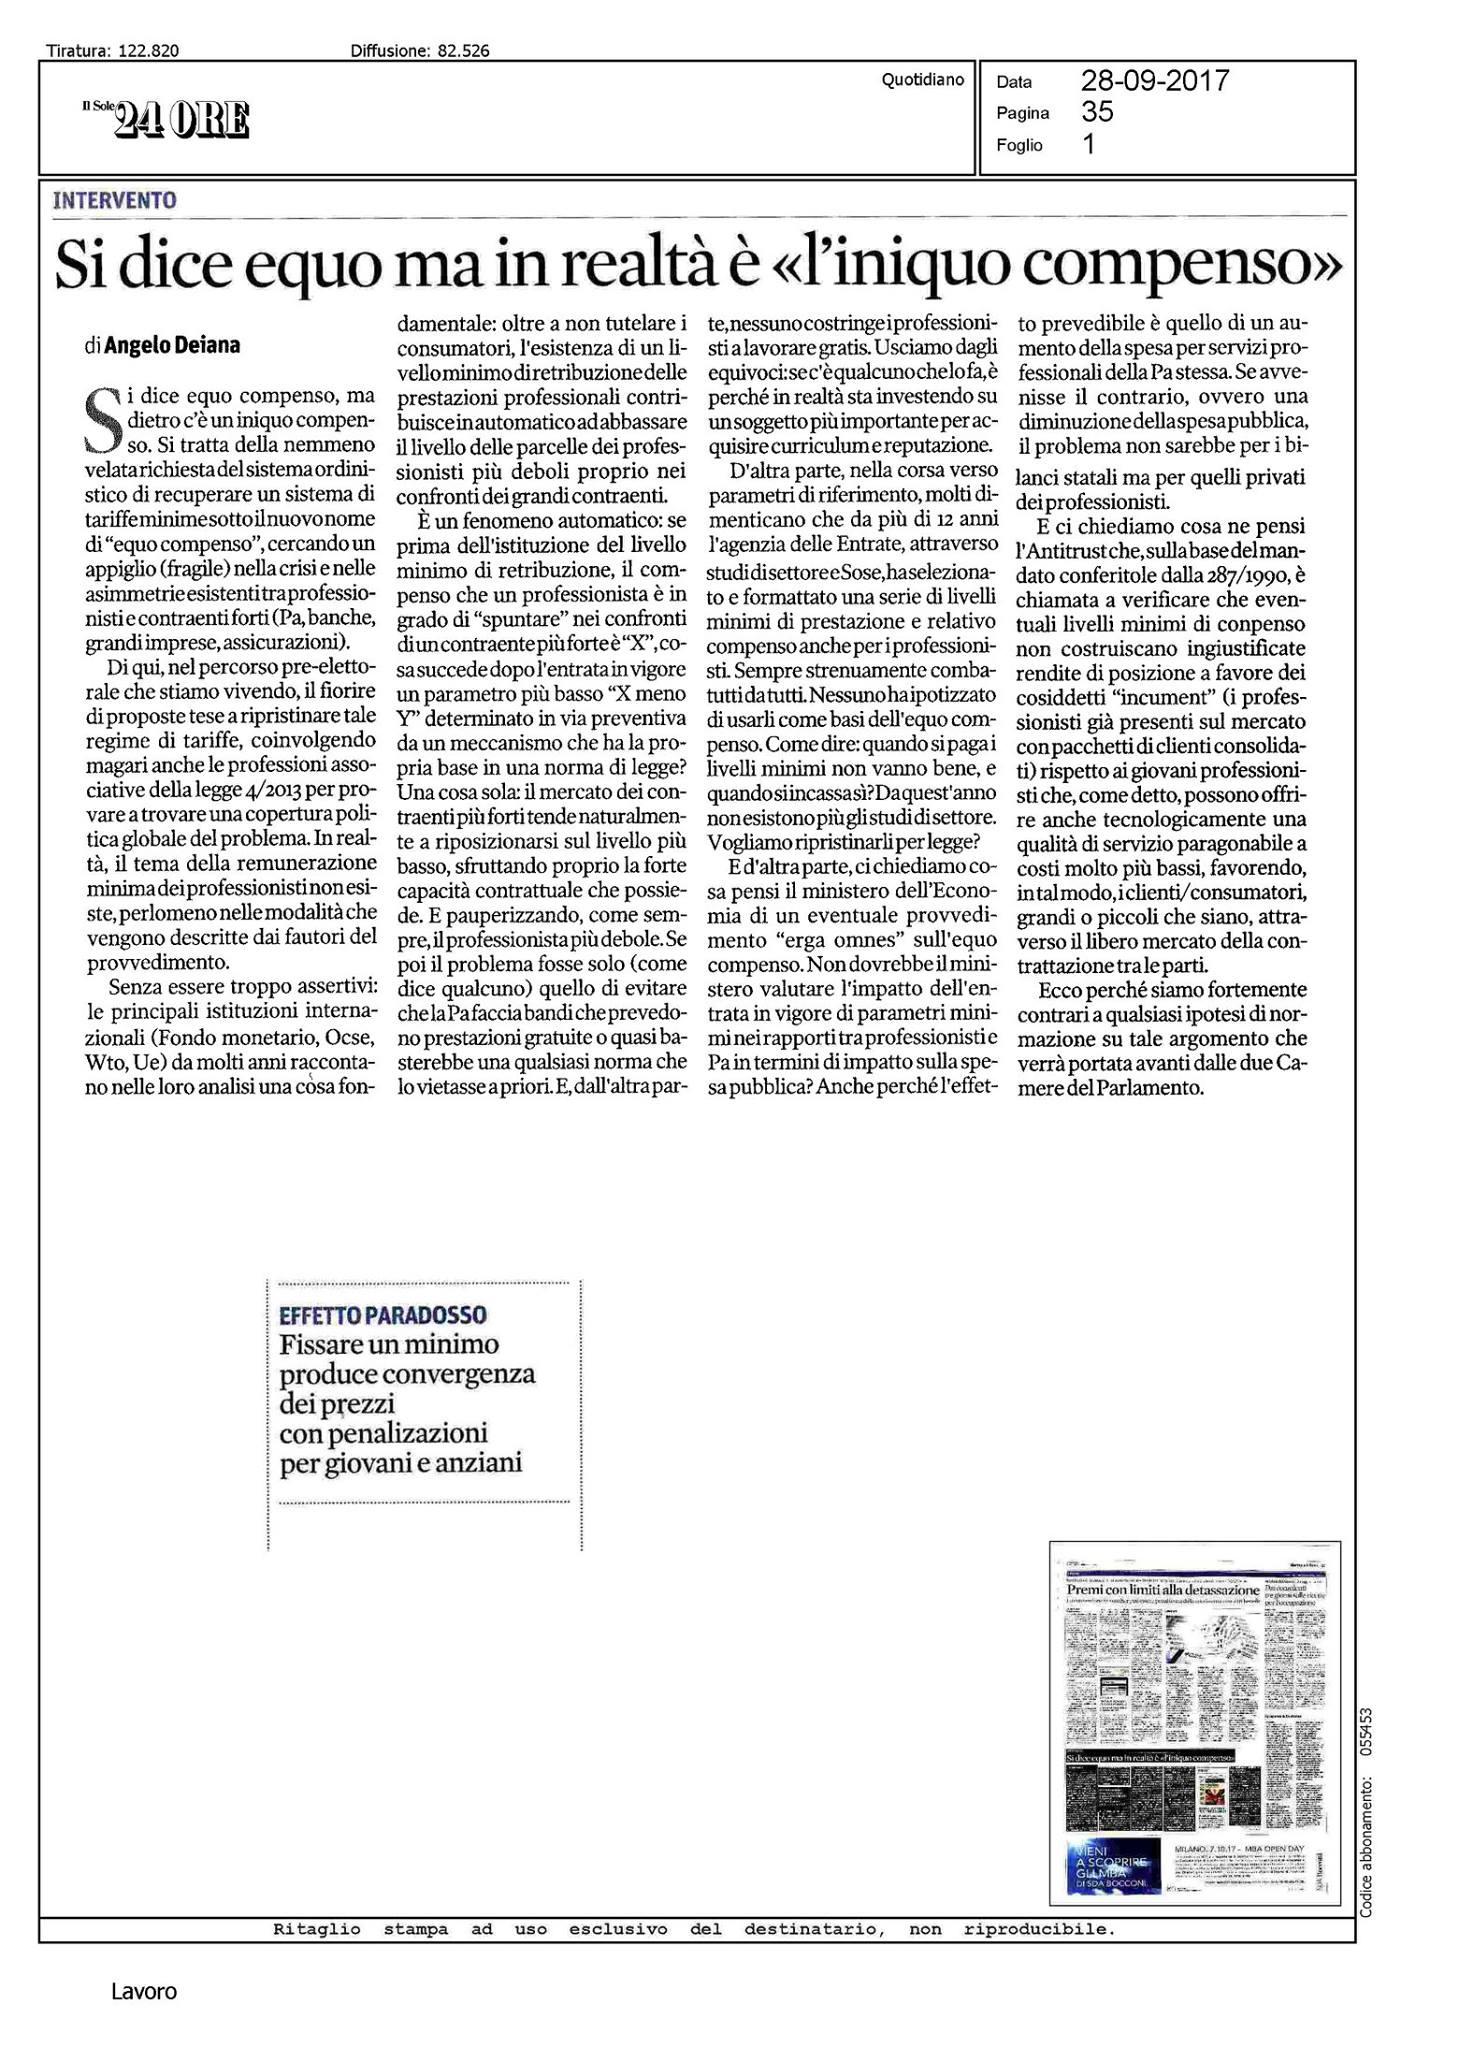 articolo Il Sole 24 Ore 28 settembre 2017